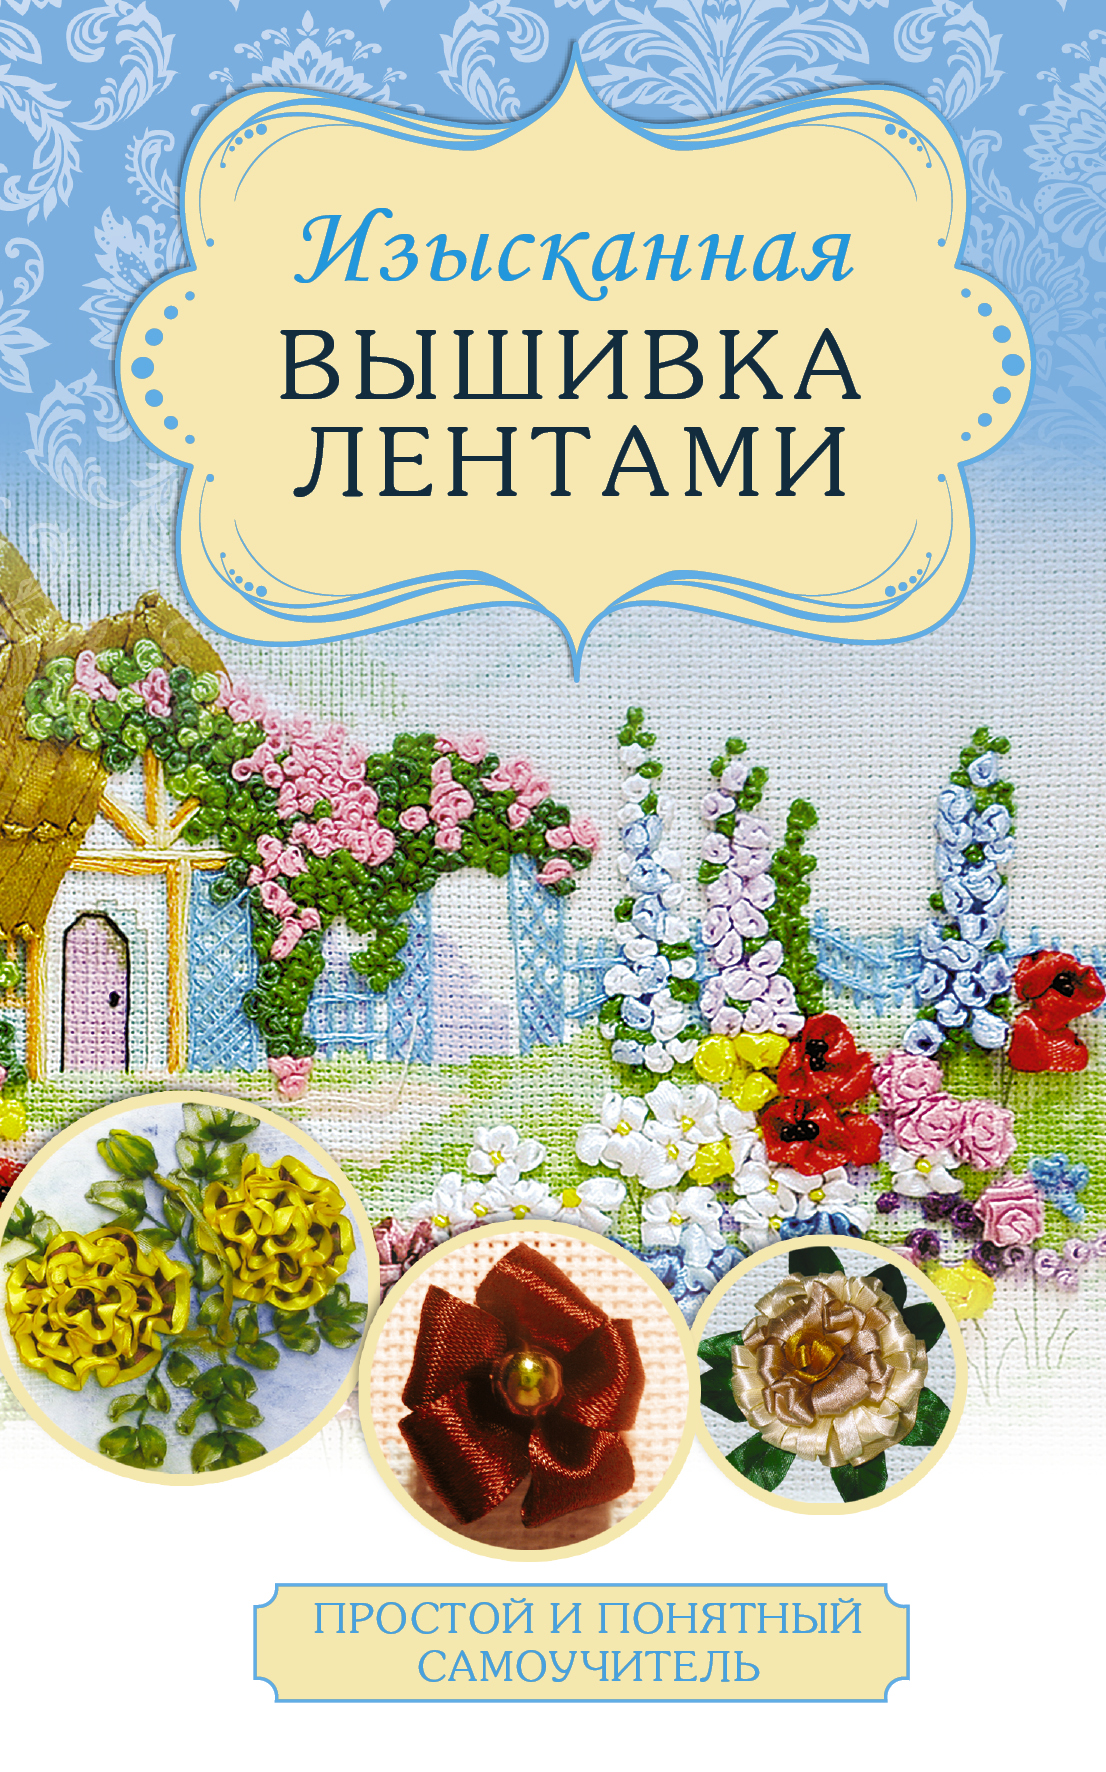 Изысканная вышивка лентами от book24.ru